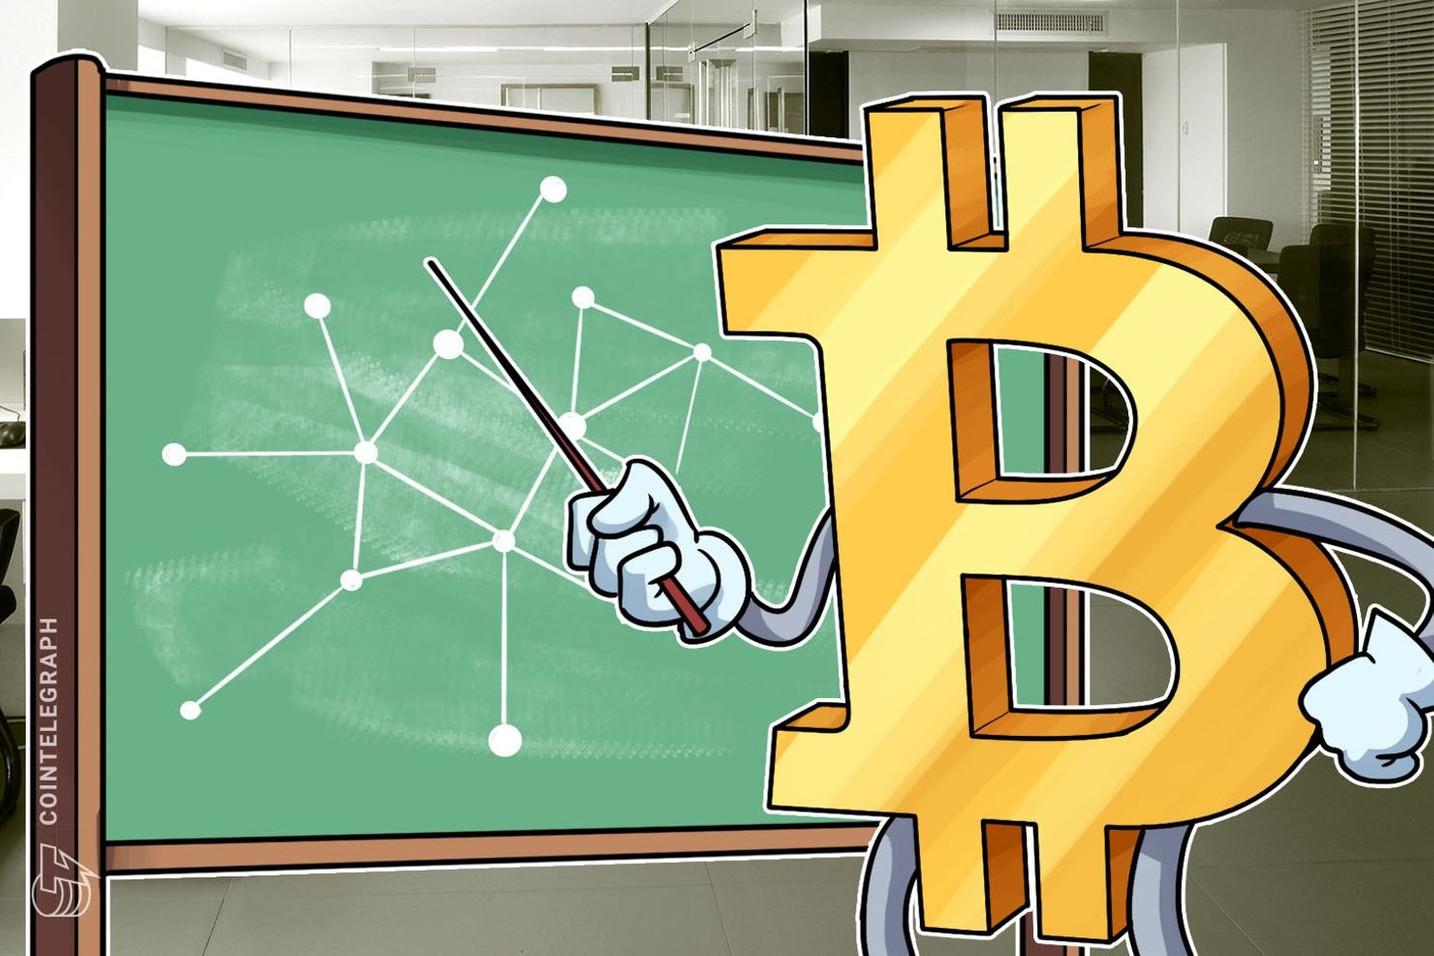 「エンティティの半数は仮想通貨ビットコインを0.001BTCしか持たない」=グラスノード調査【ニュース】